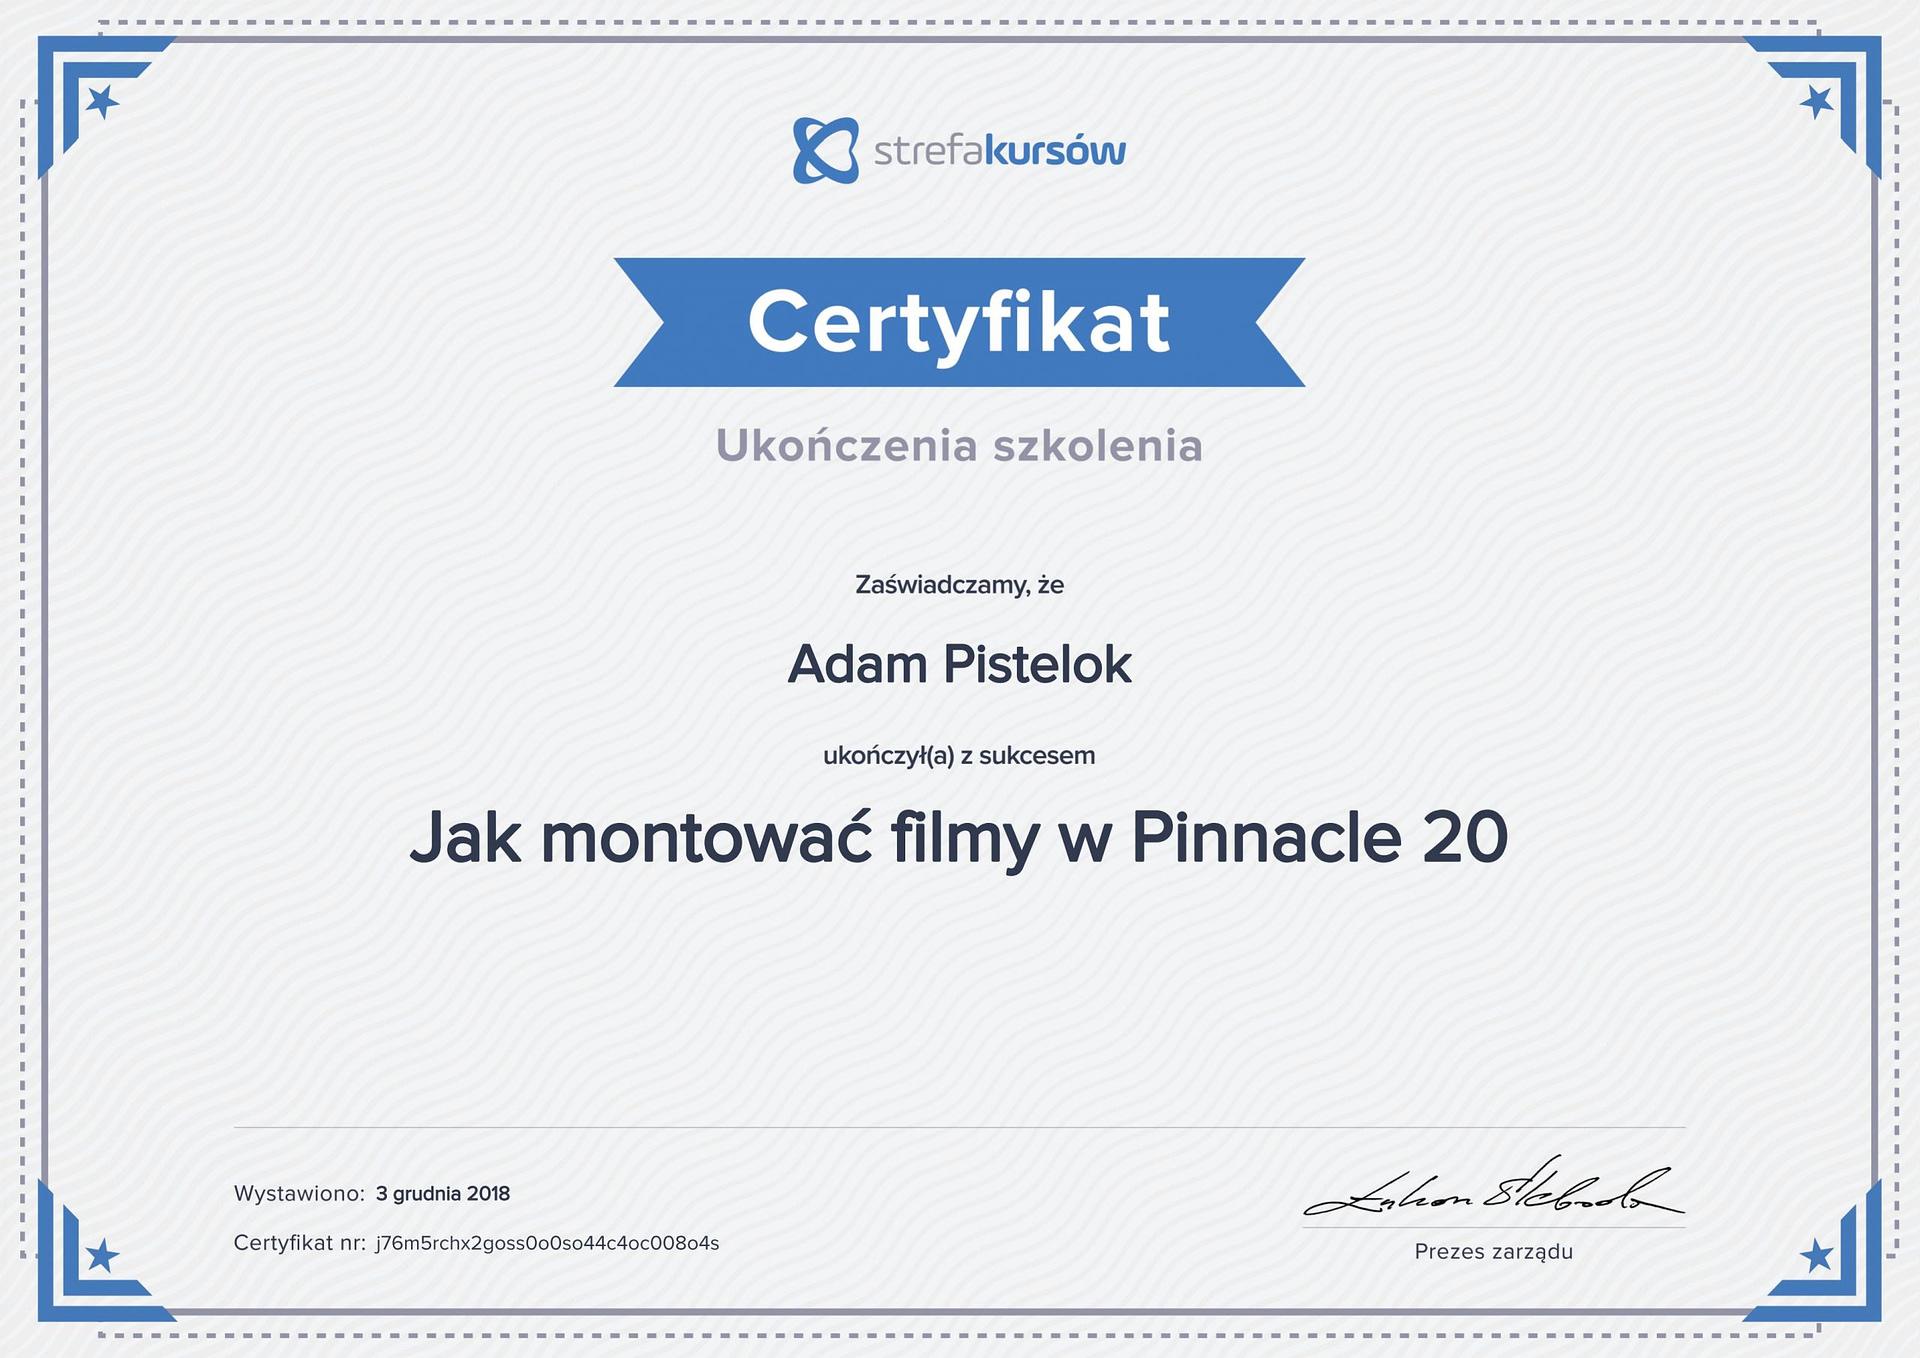 Pinnacle 20